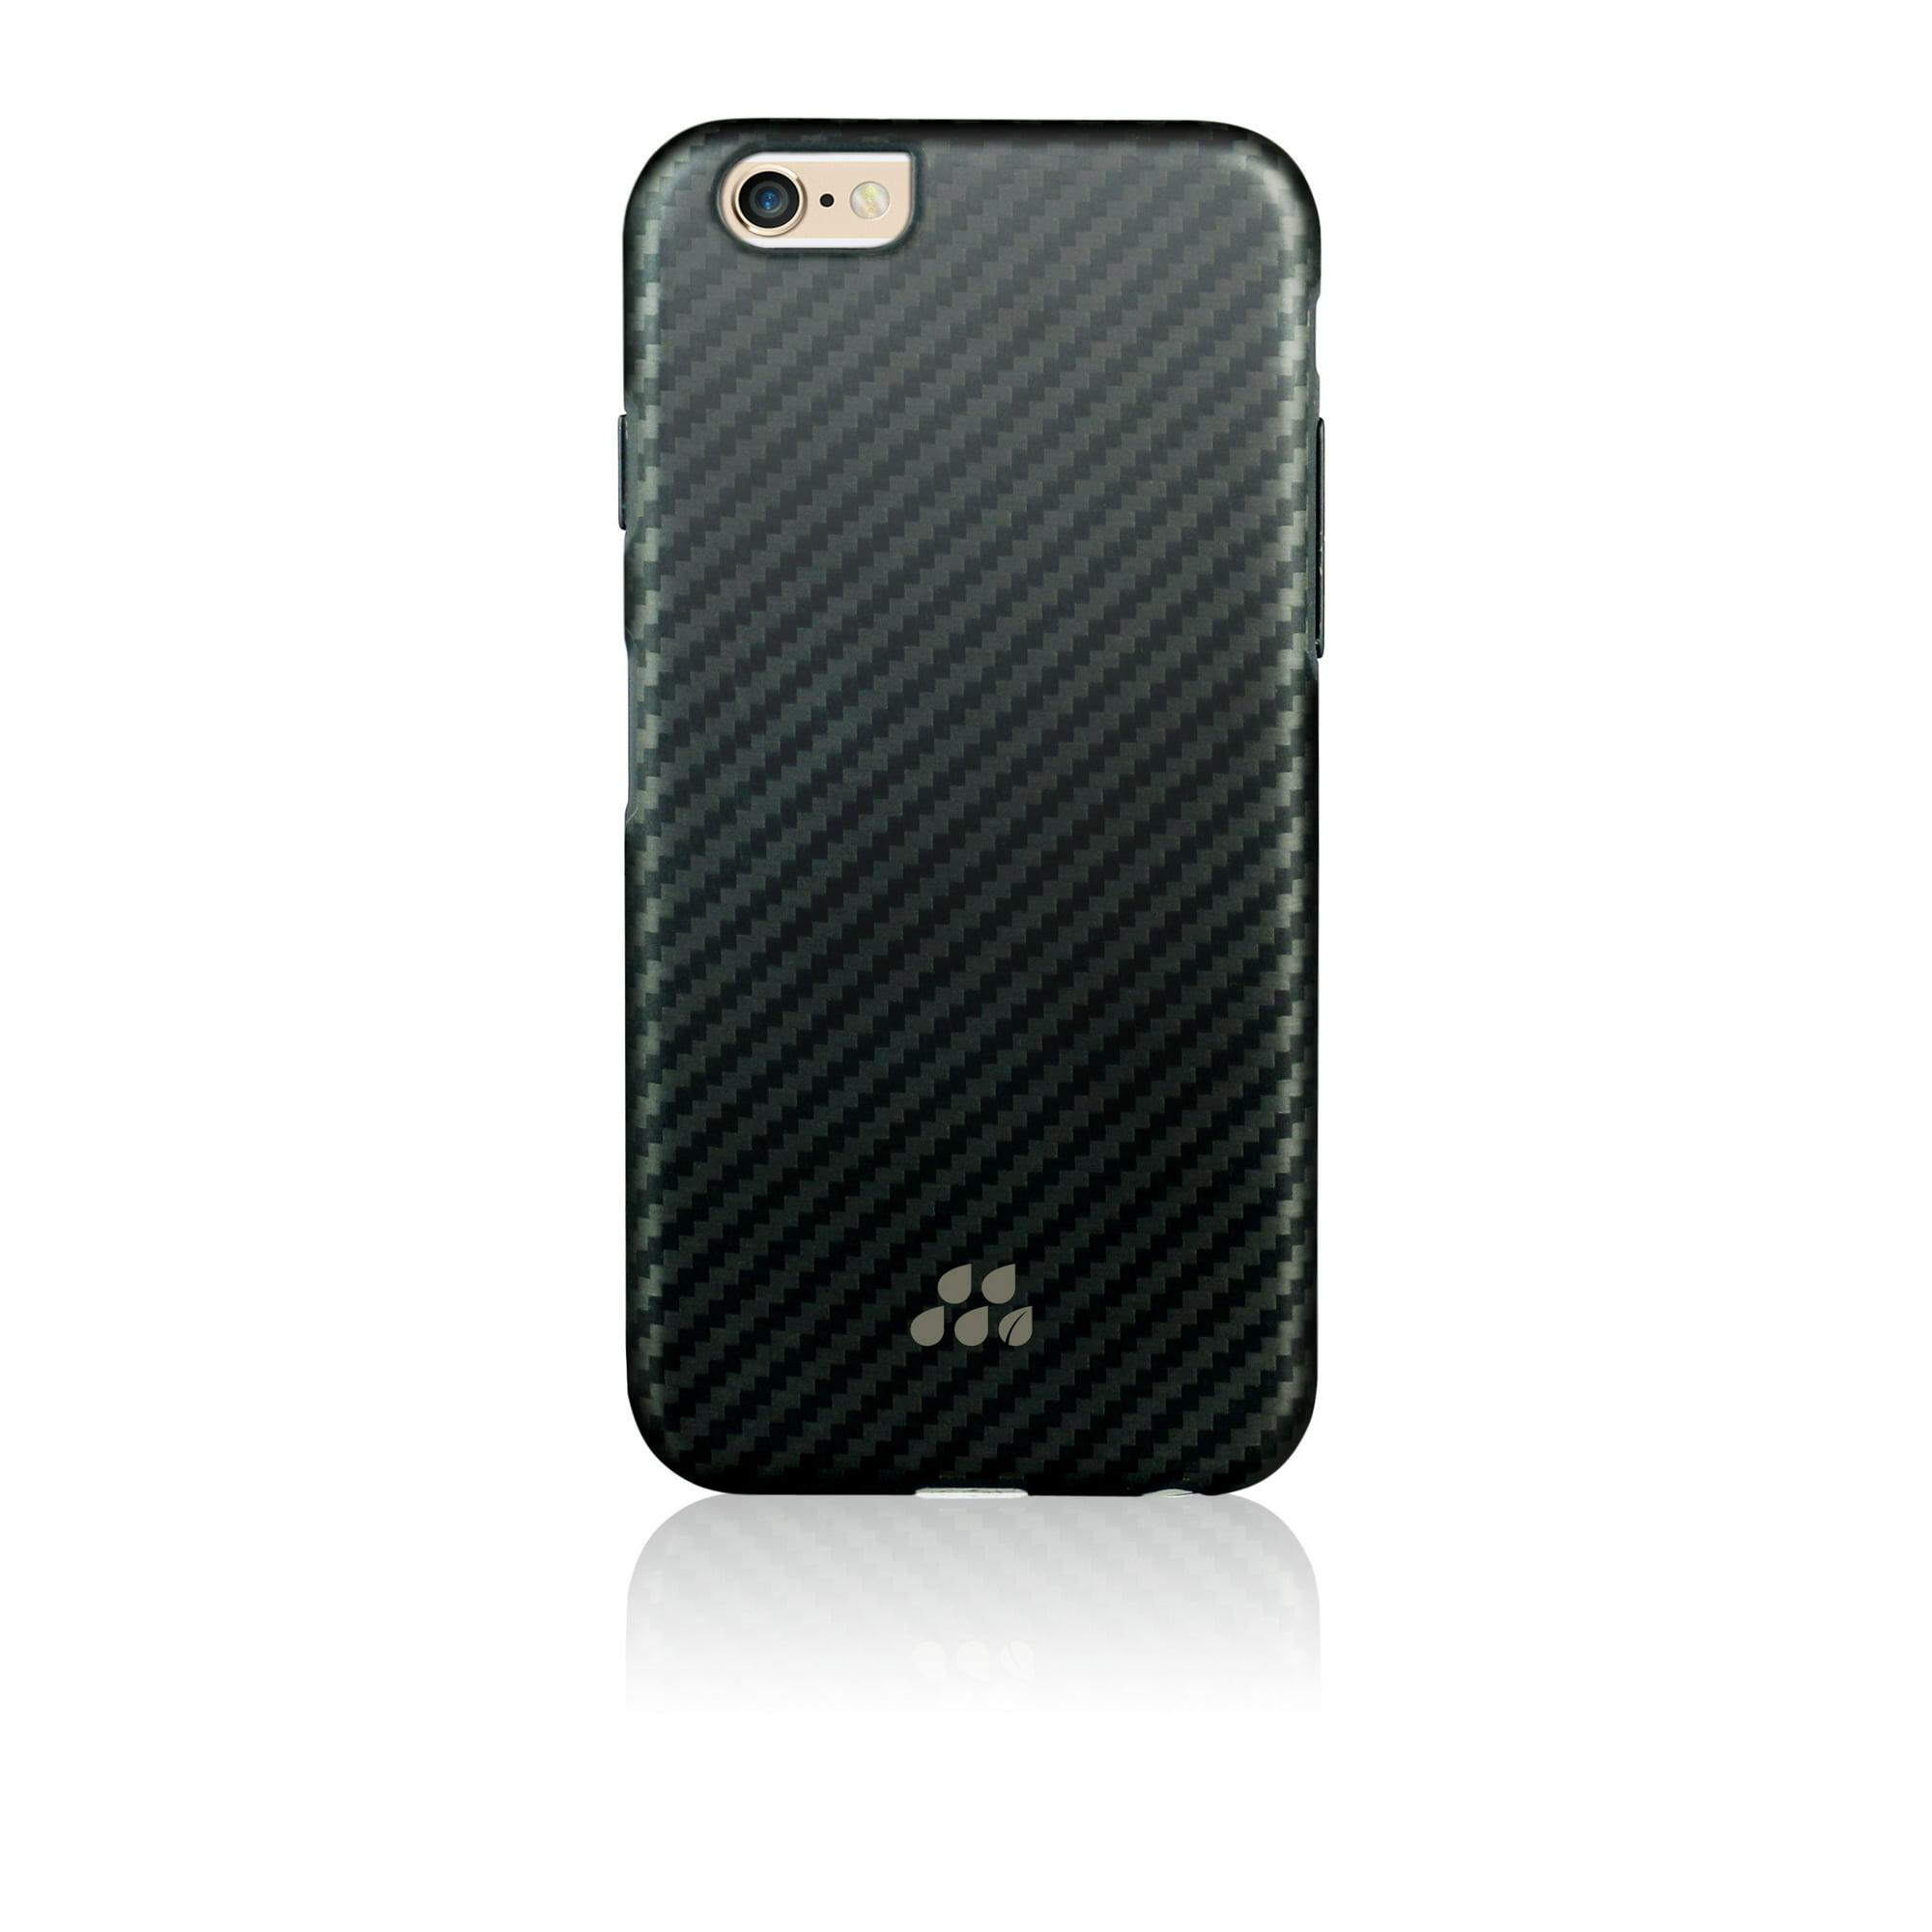 buy popular 26d56 73d7d iPhone 6 Plus/6S Plus Evutec Black/Grey (Osprey) Karbon SI Series case